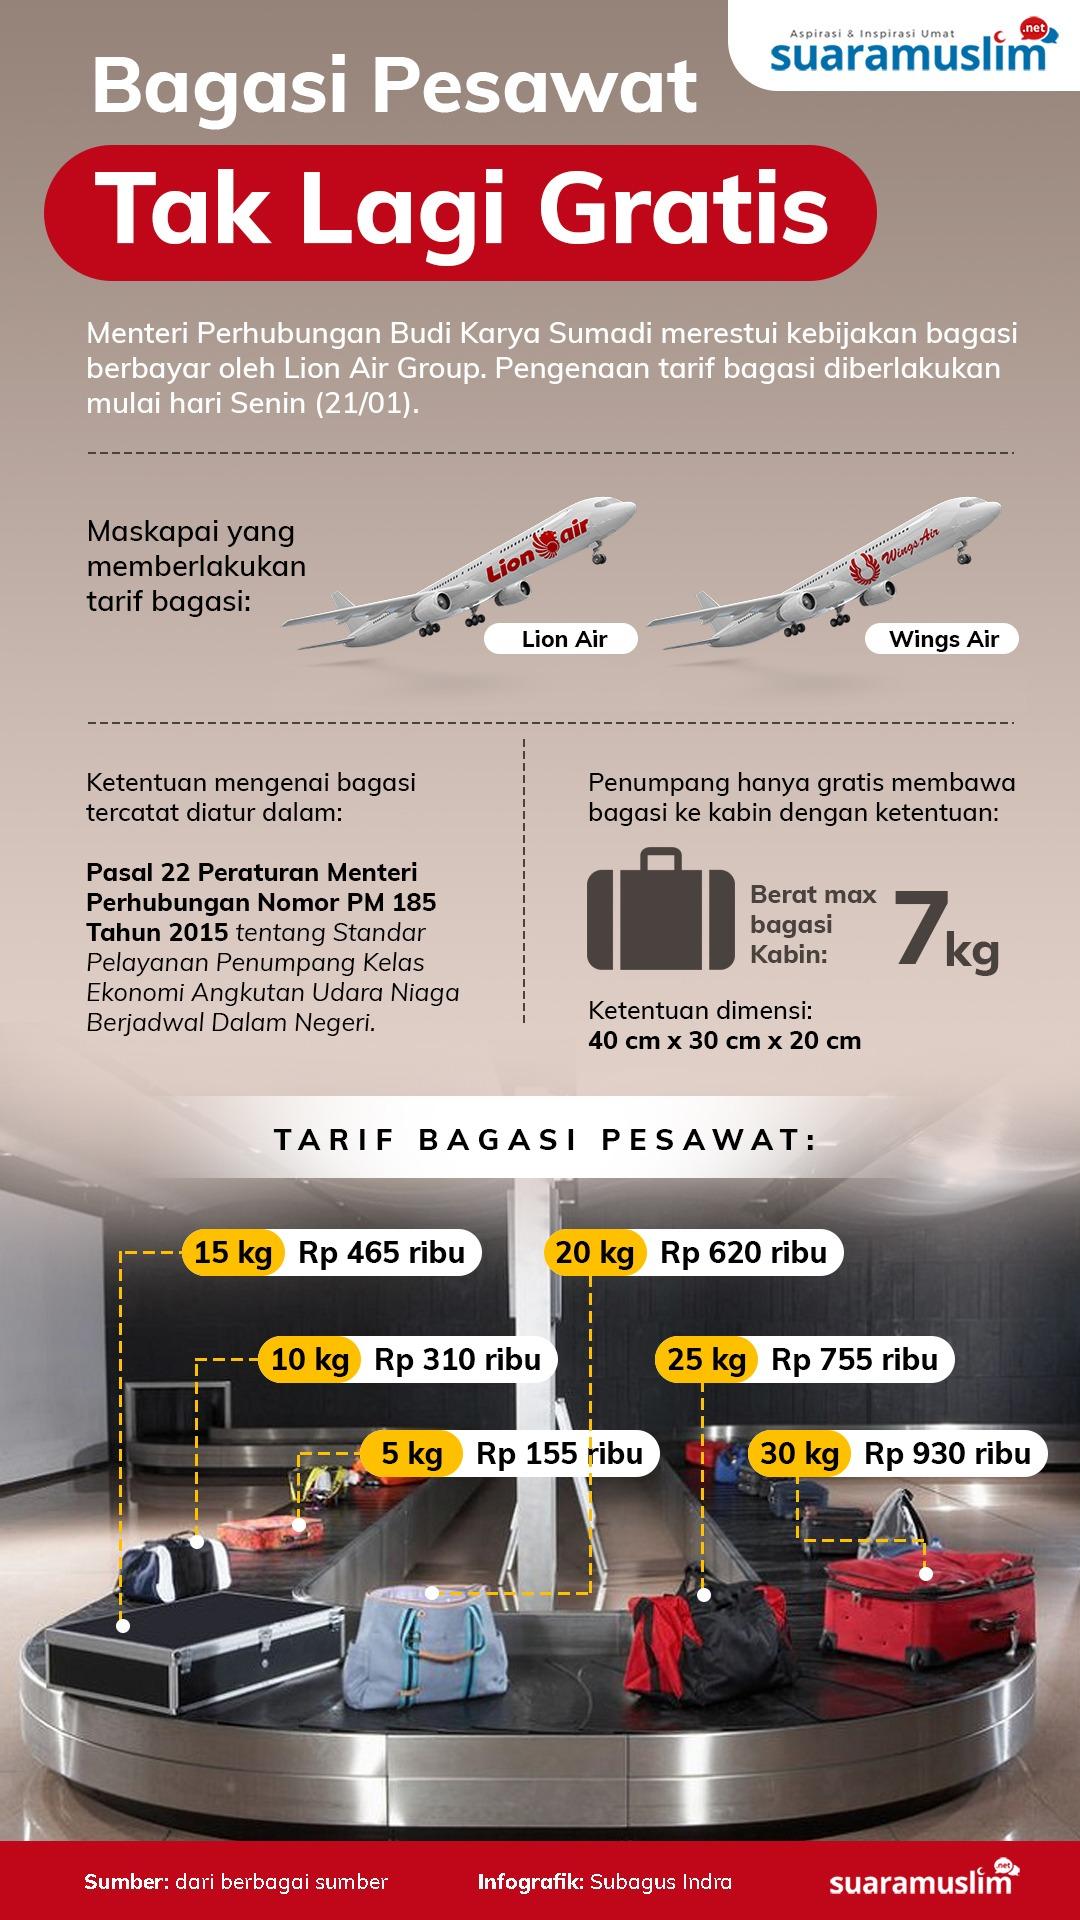 Tarif bagasi pesawat naik